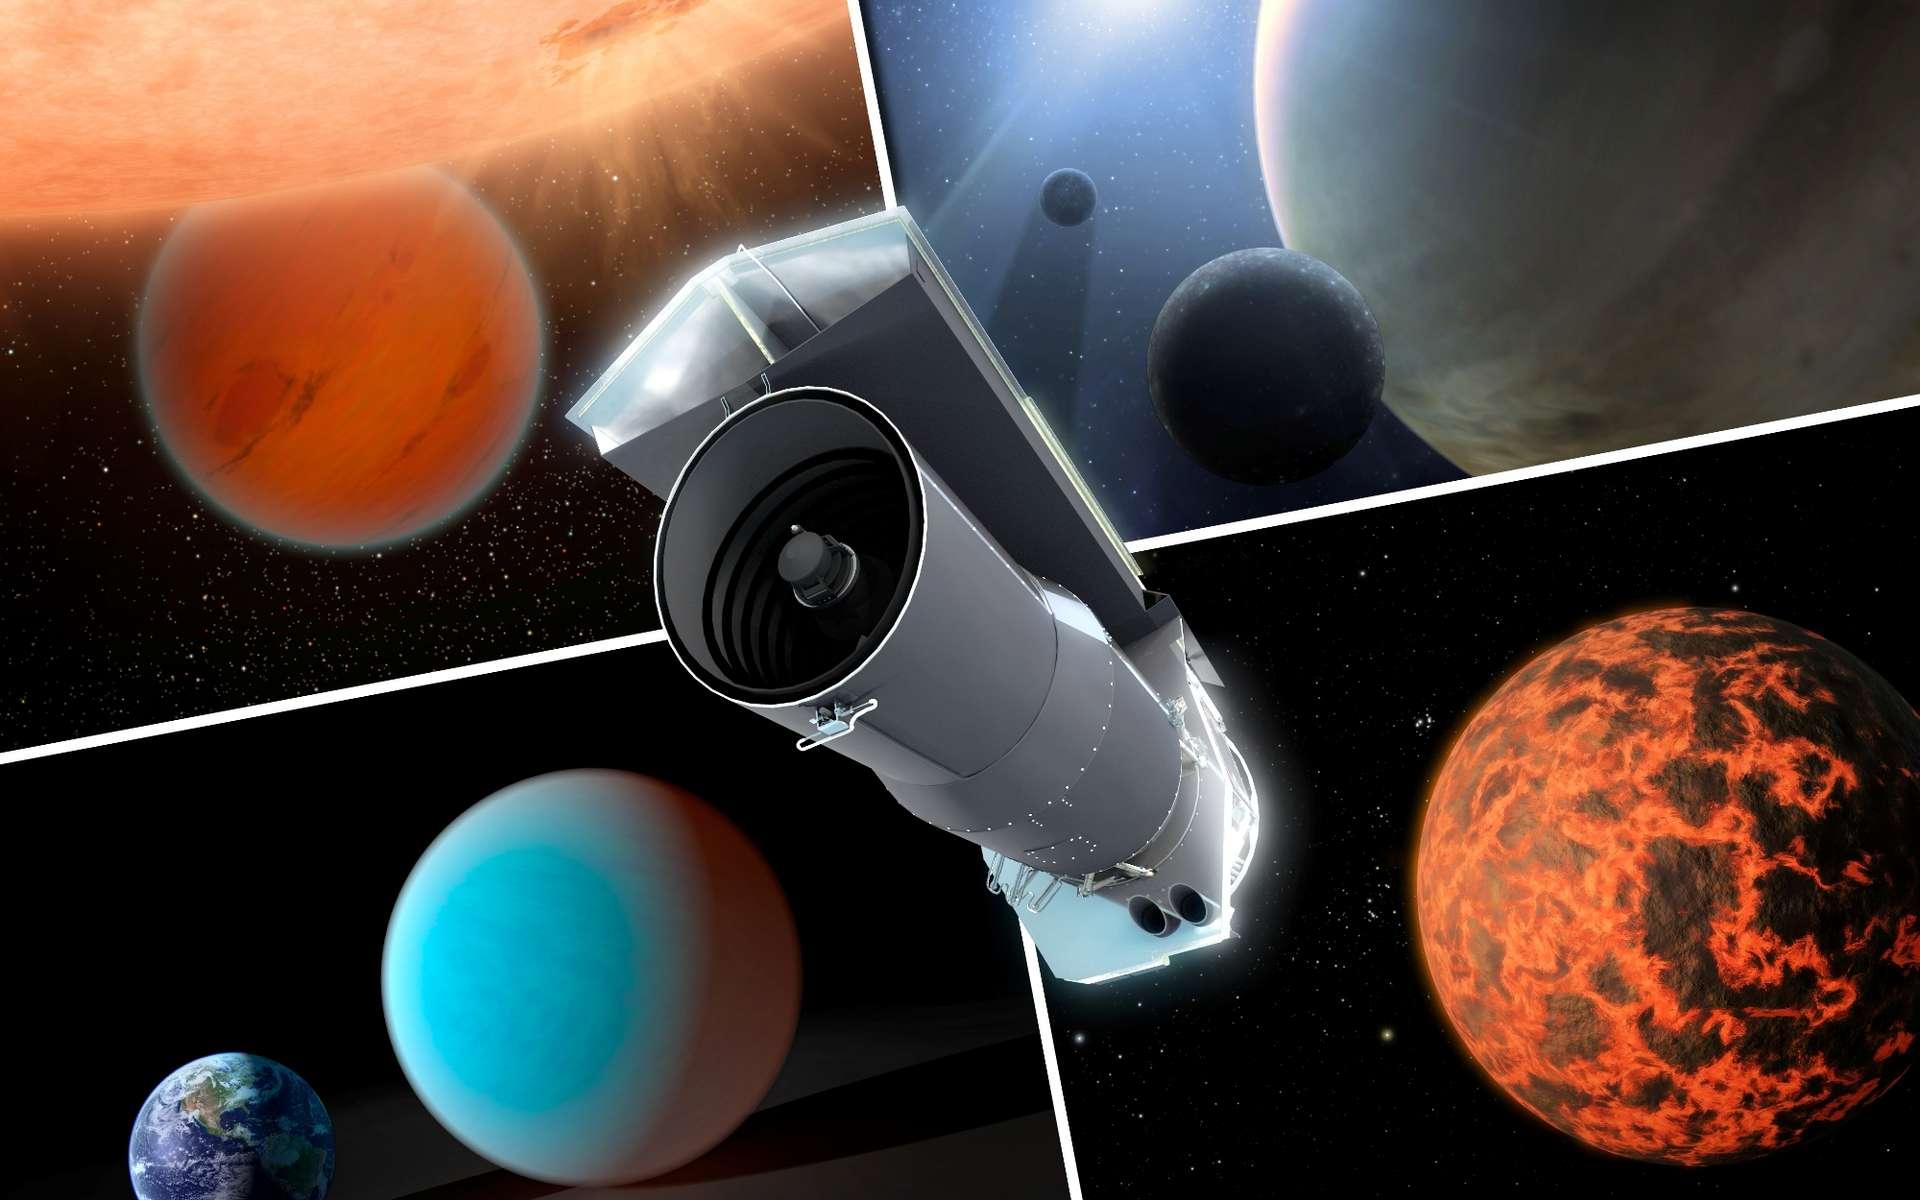 Au cours de dix années dans l'espace, le télescope spatial Spitzer de la Nasa est devenu un outil de premier ordre pour l'étude des exoplanètes. Les ingénieurs et scientifiques derrière Spitzer n'avaient pas cet objectif en tête lorsqu'ils ont conçu l'observatoire dans les années 1990. Mais grâce à sa stabilité extraordinaire et à une série de retouches techniques après le lancement, Spitzer disposait de pouvoirs d'observation bien au-delà de ses limites et attentes d'origine. Cette vue d'artiste montre Spitzer entouré d'exoplanètes que le télescope a examinées. © Nasa, JPL-Caltech